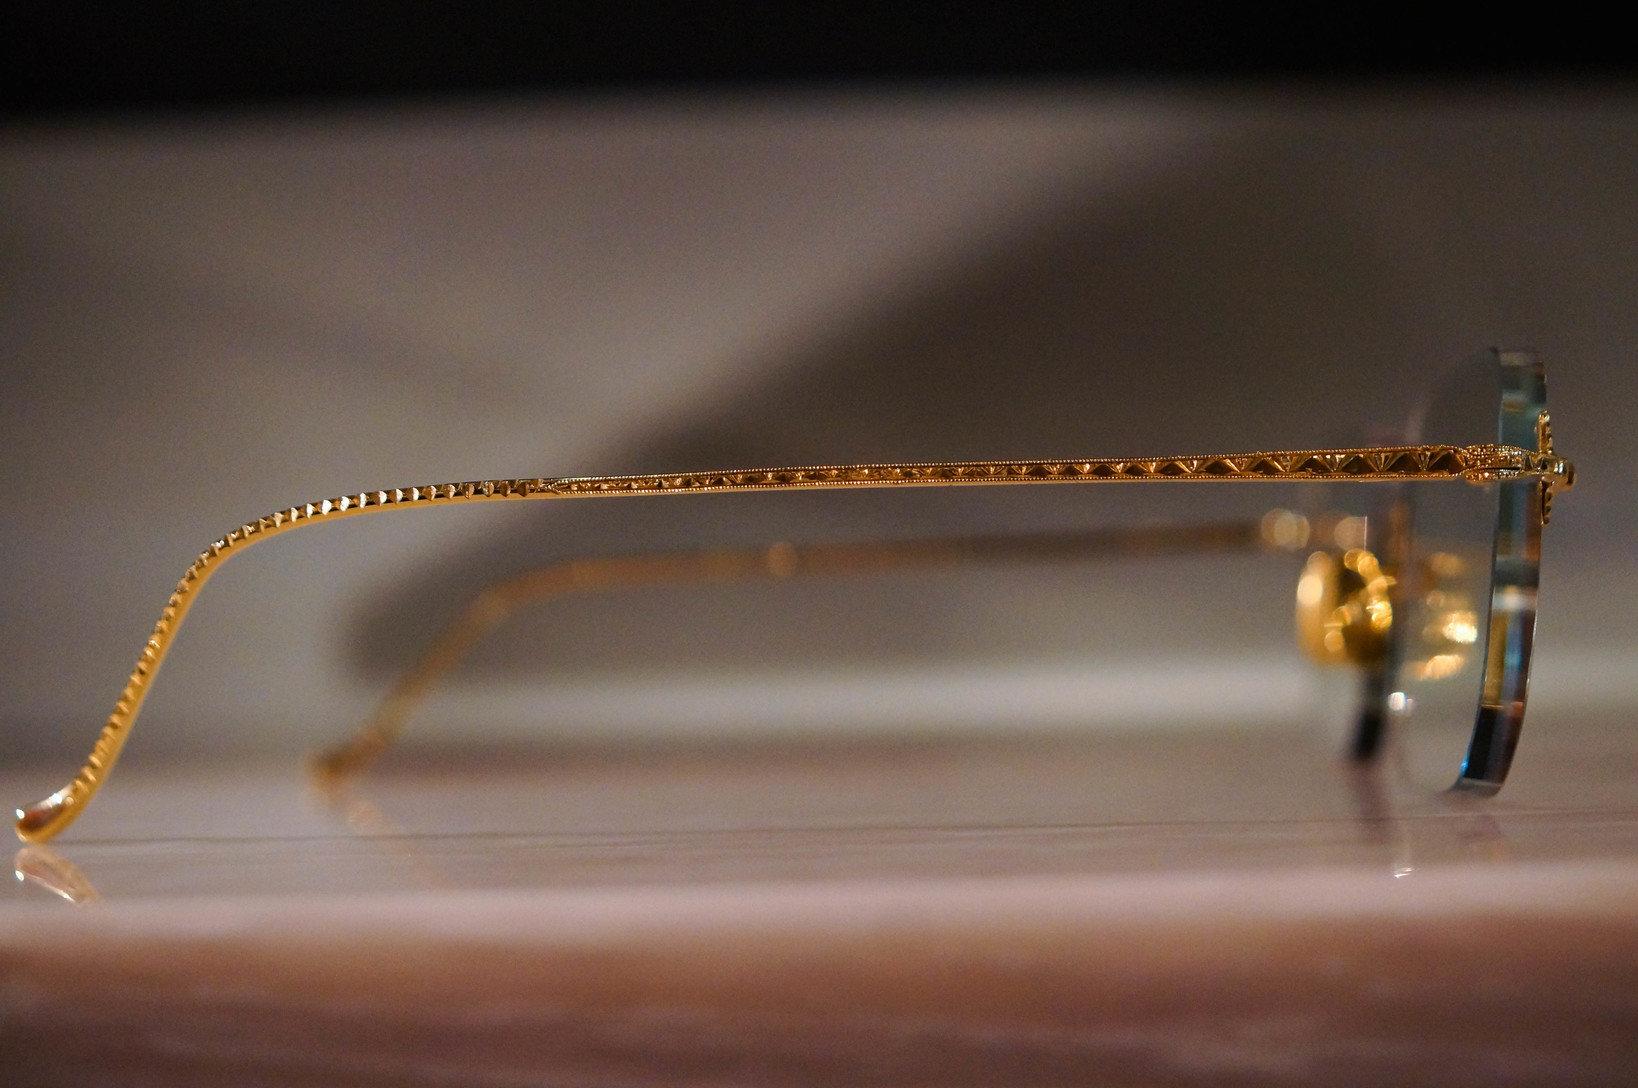 ソラックザーデのオリジナル商品。金無垢素材に手彫り加工を施している。